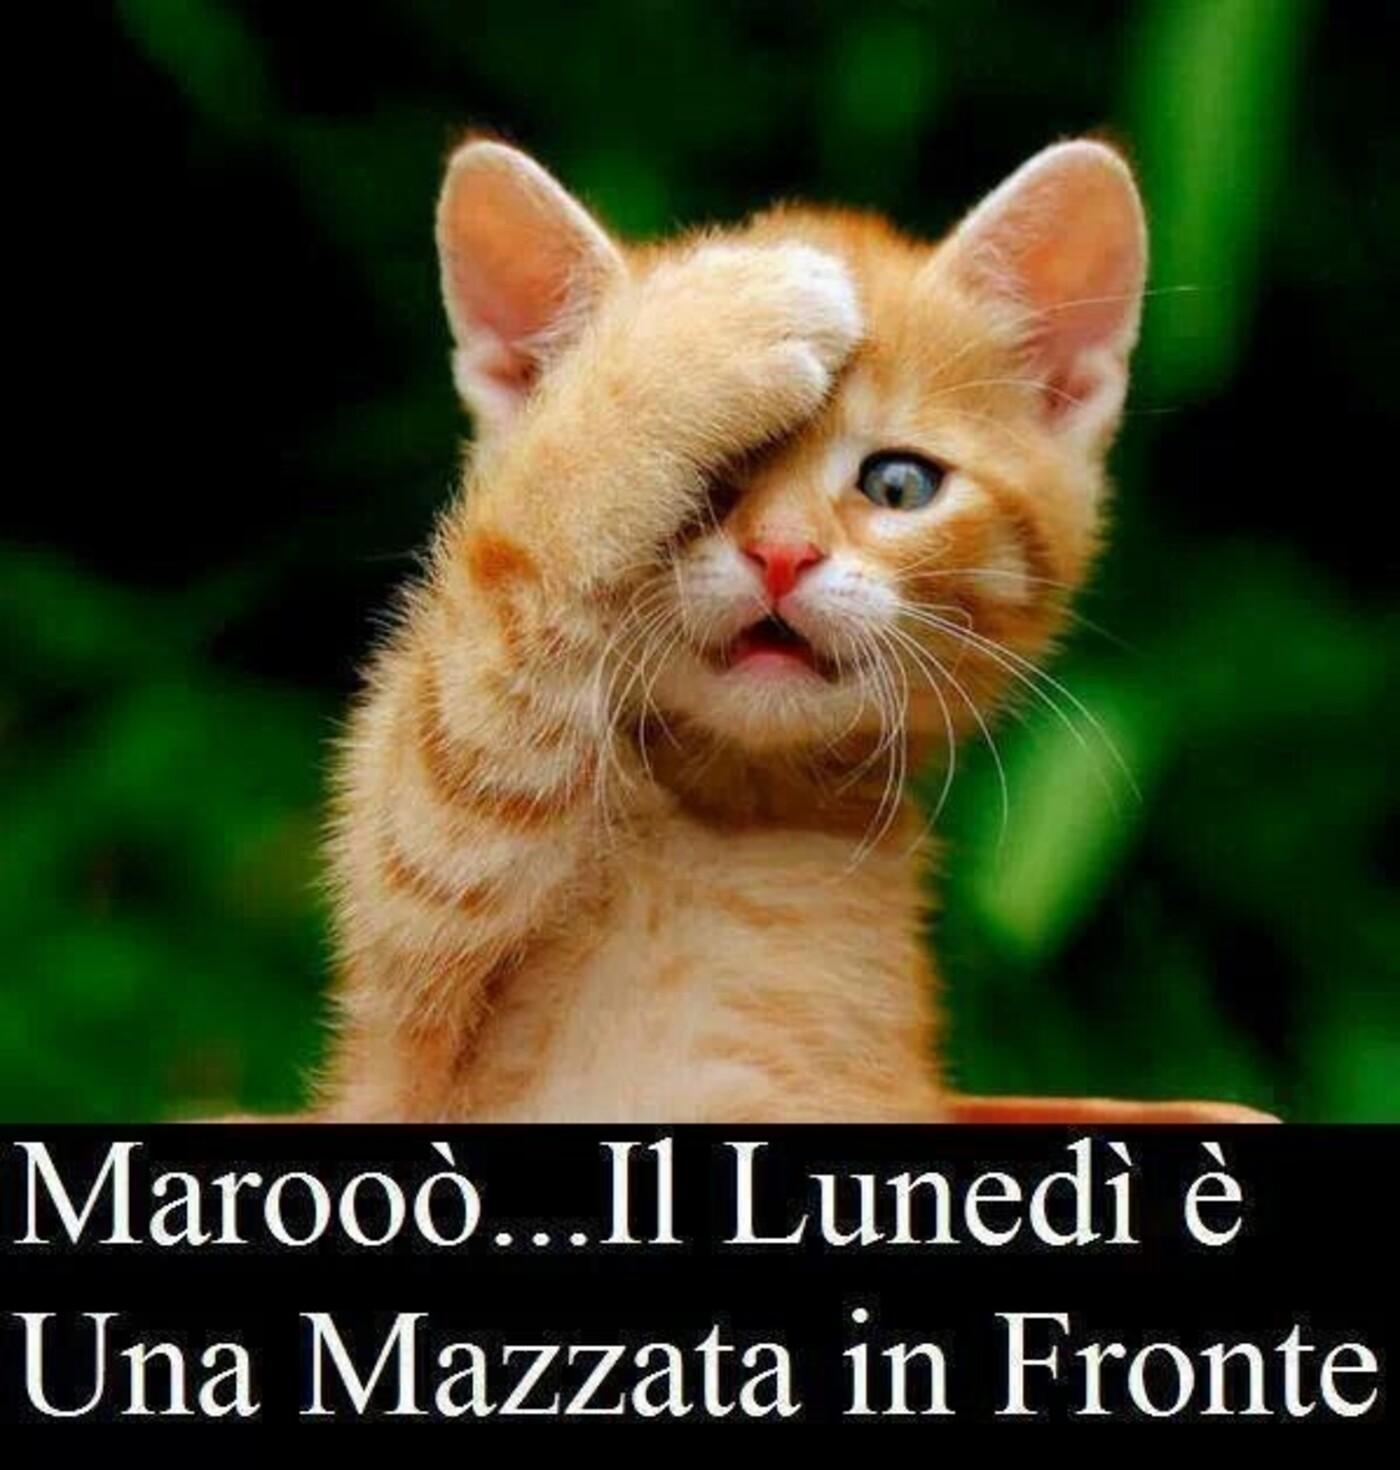 Marooò... il Lunedì è una mazzata in fronte !